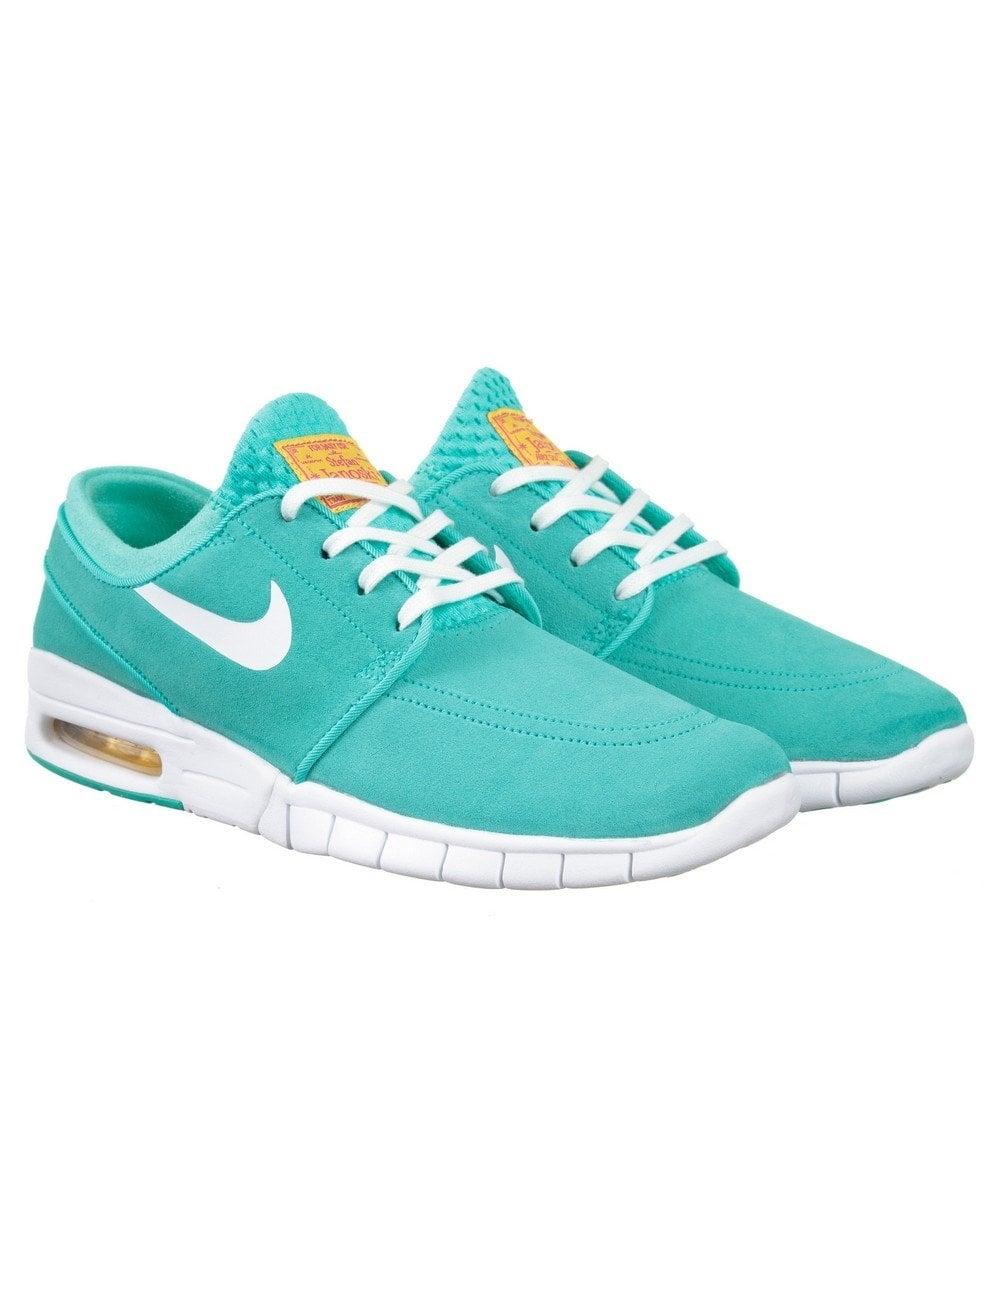 Nike Sb Stefan Janoski Max L Shoes Hyper